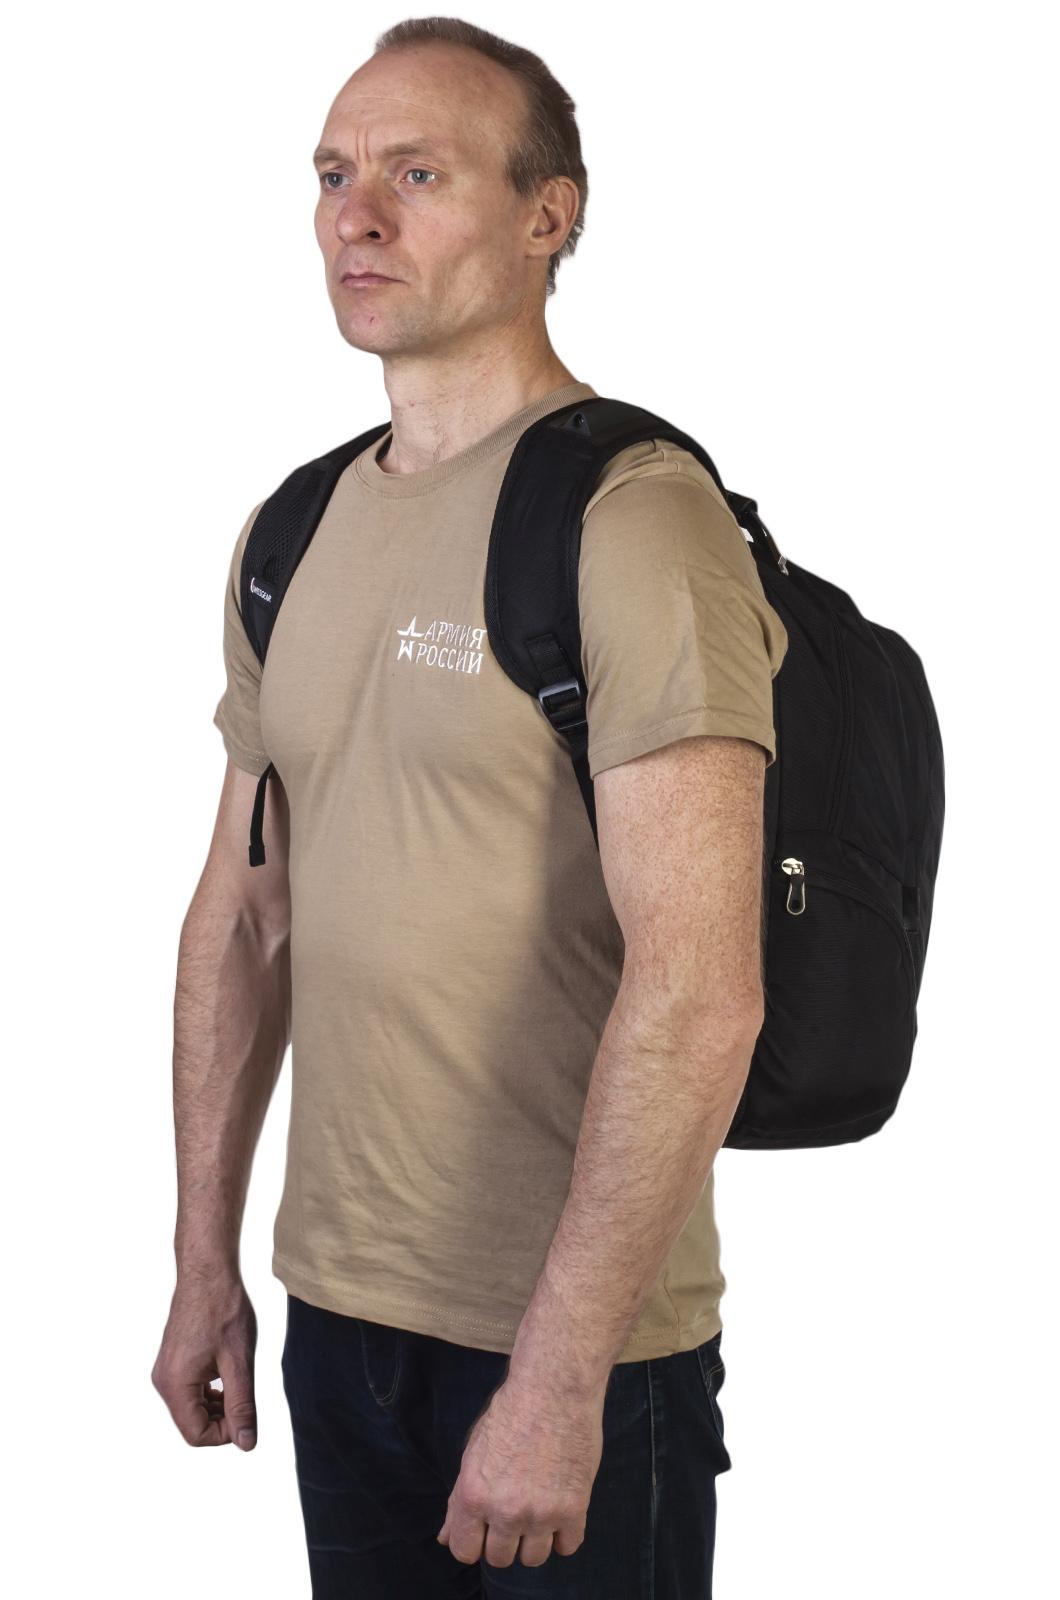 Заказать зачетный рюкзак с эмблемой МЧС